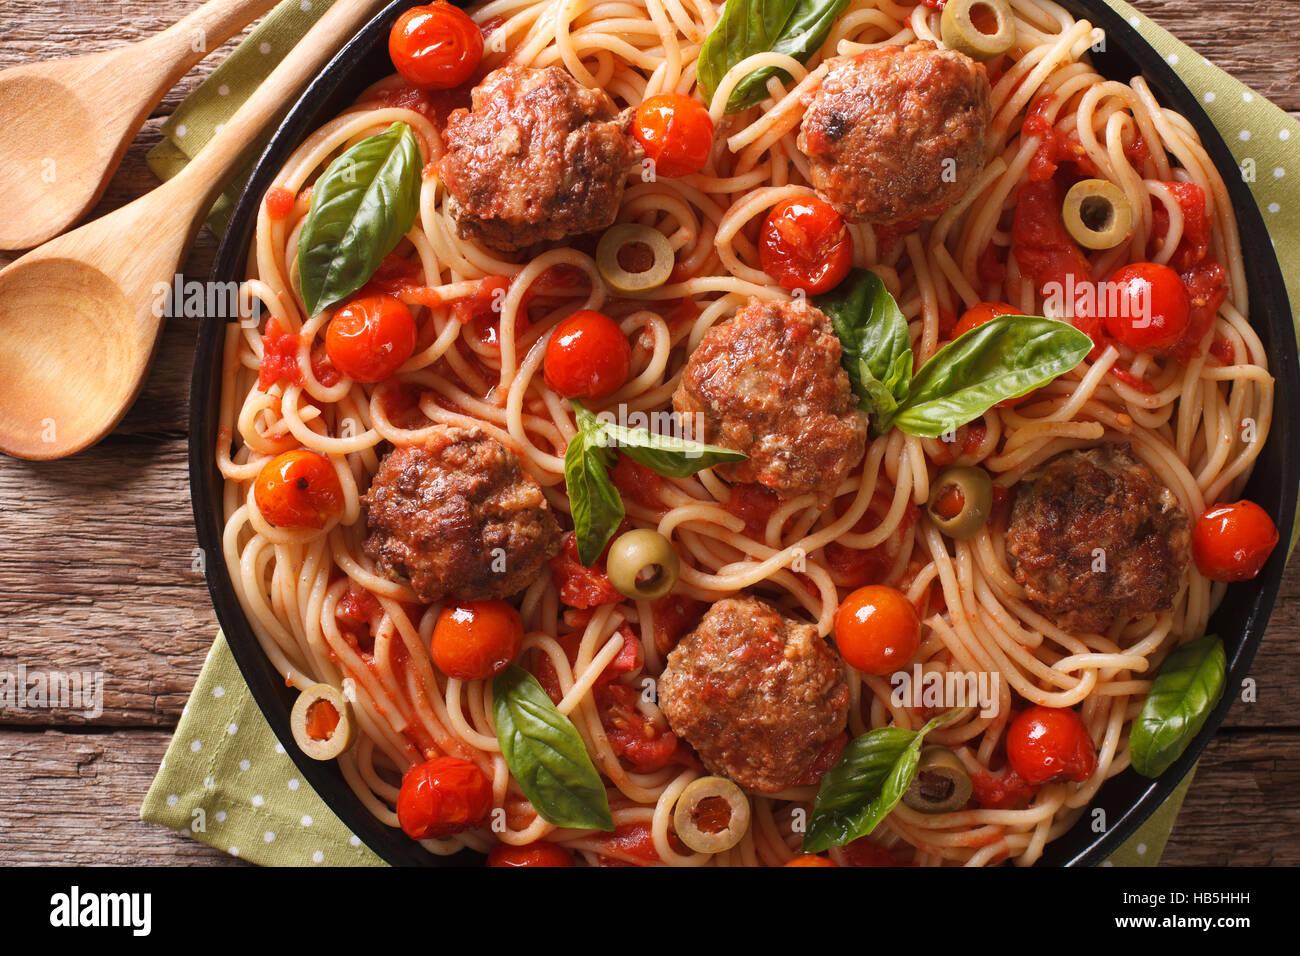 Italienische Küche: Spaghetti mit Fleischbällchen, Oliven, Basilikum und Tomaten sauce Closeup auf einem Stockbild